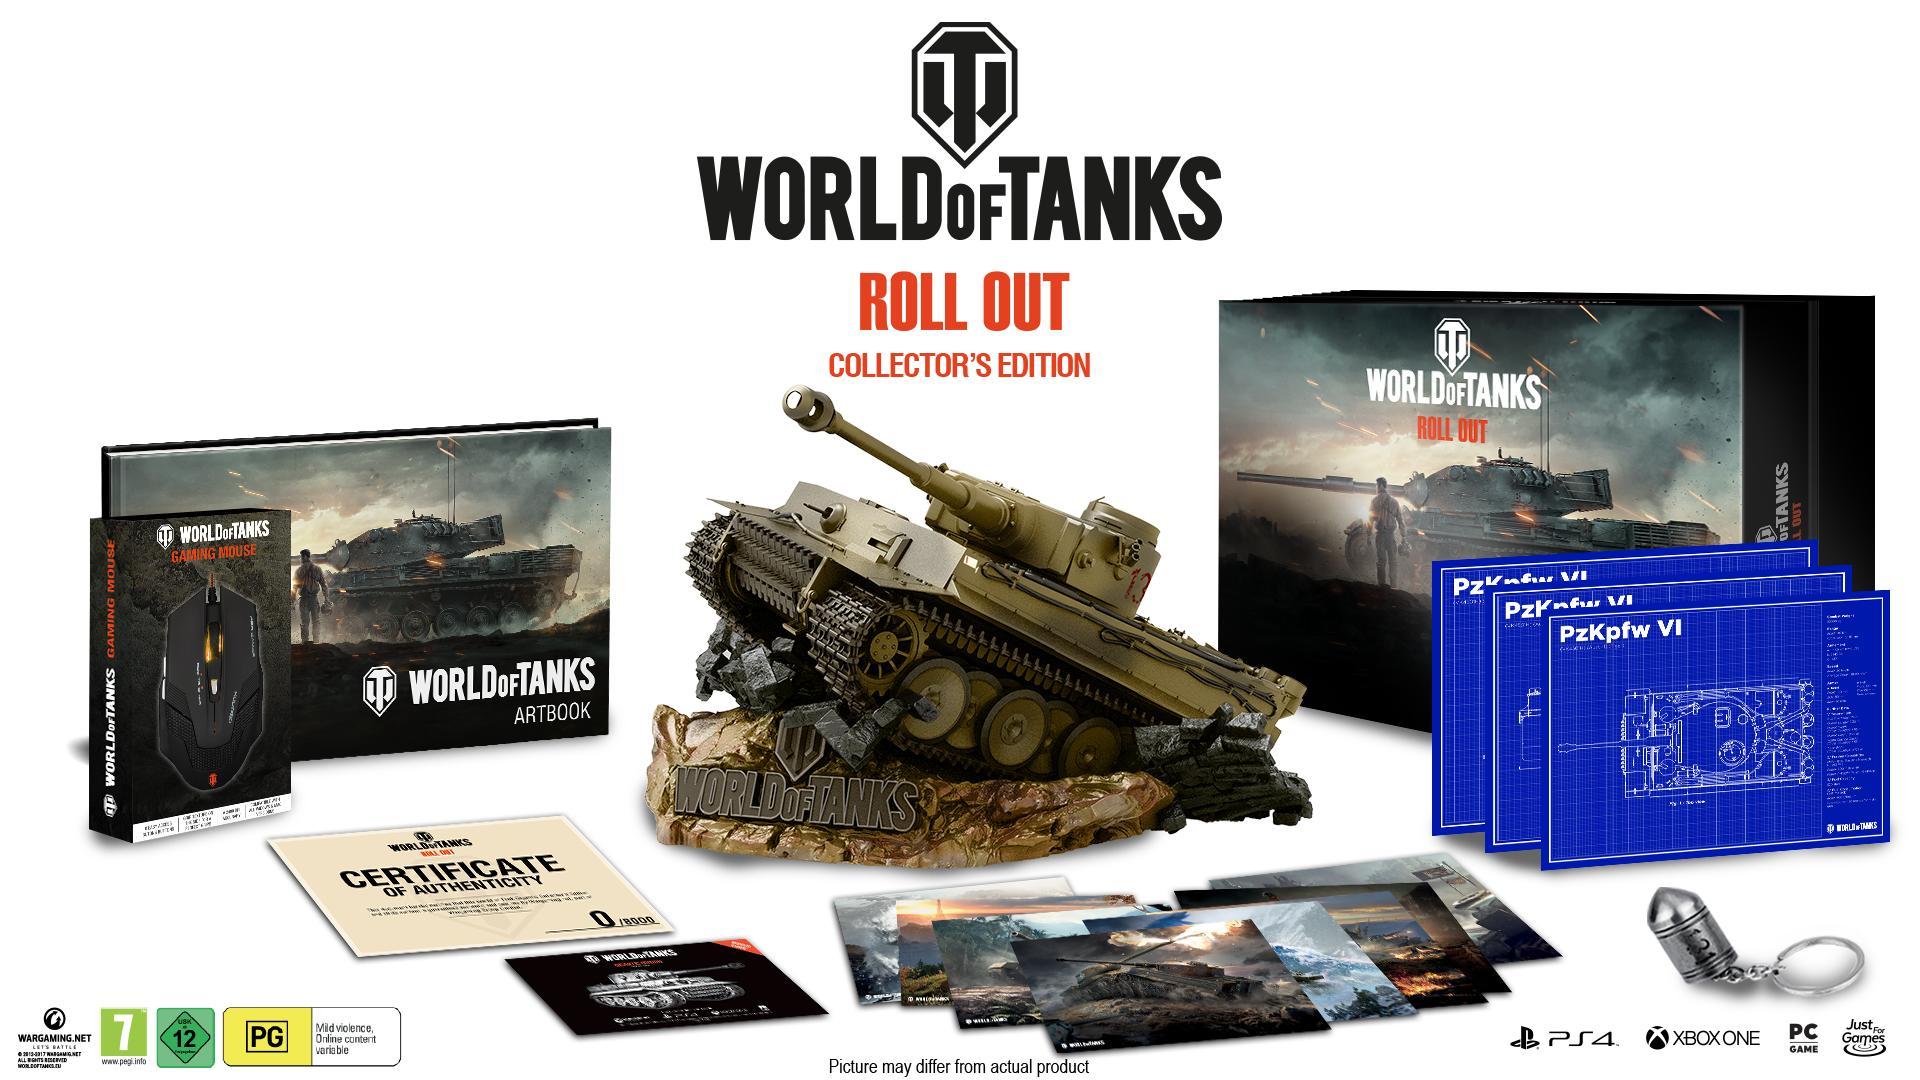 Vytuň si herní doupě #23 - Letní výprodej world of tanks collector s edition beauty shot